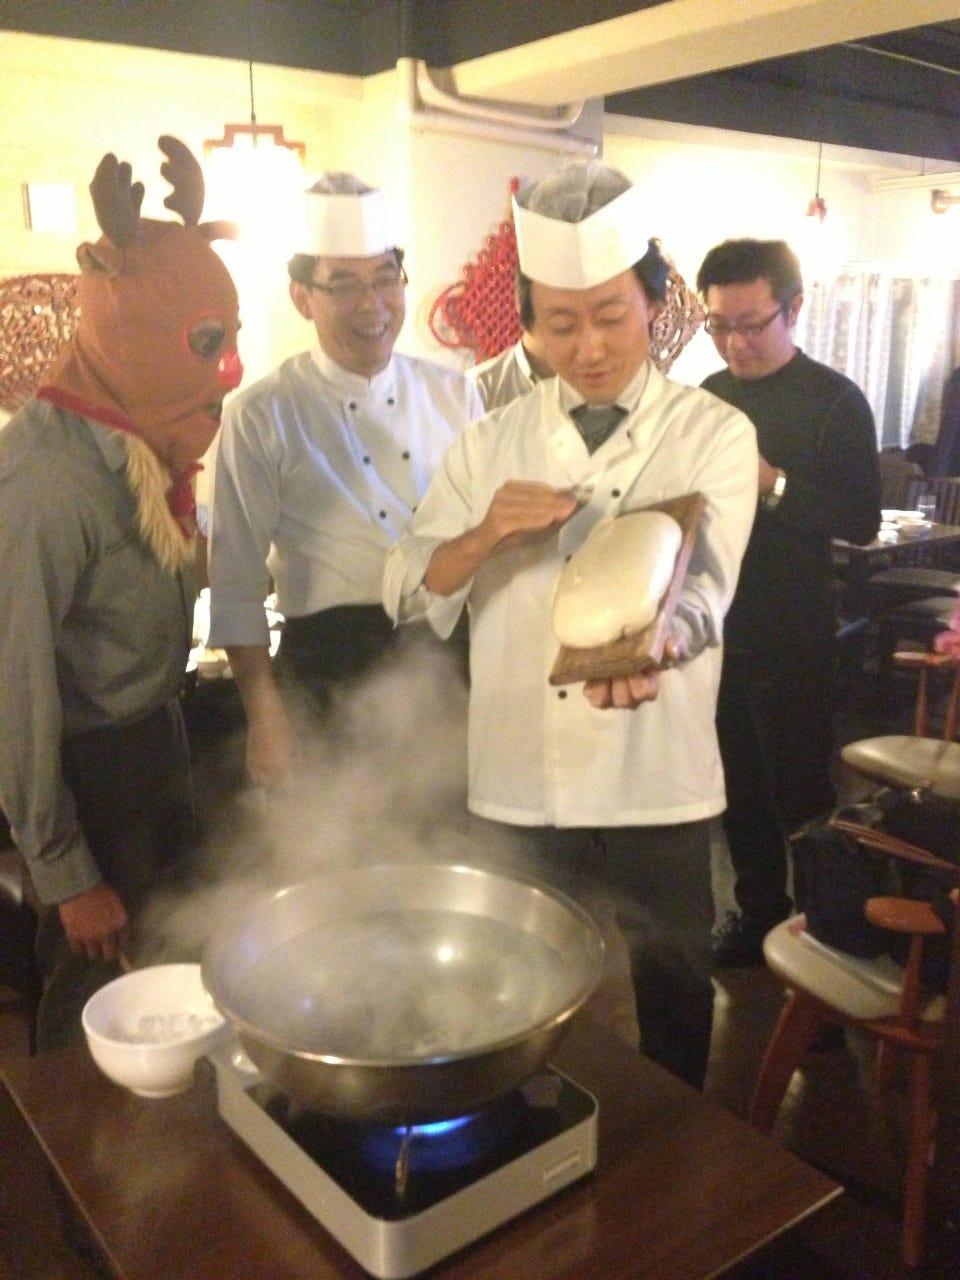 刀削麺を削るのを体験できる!!